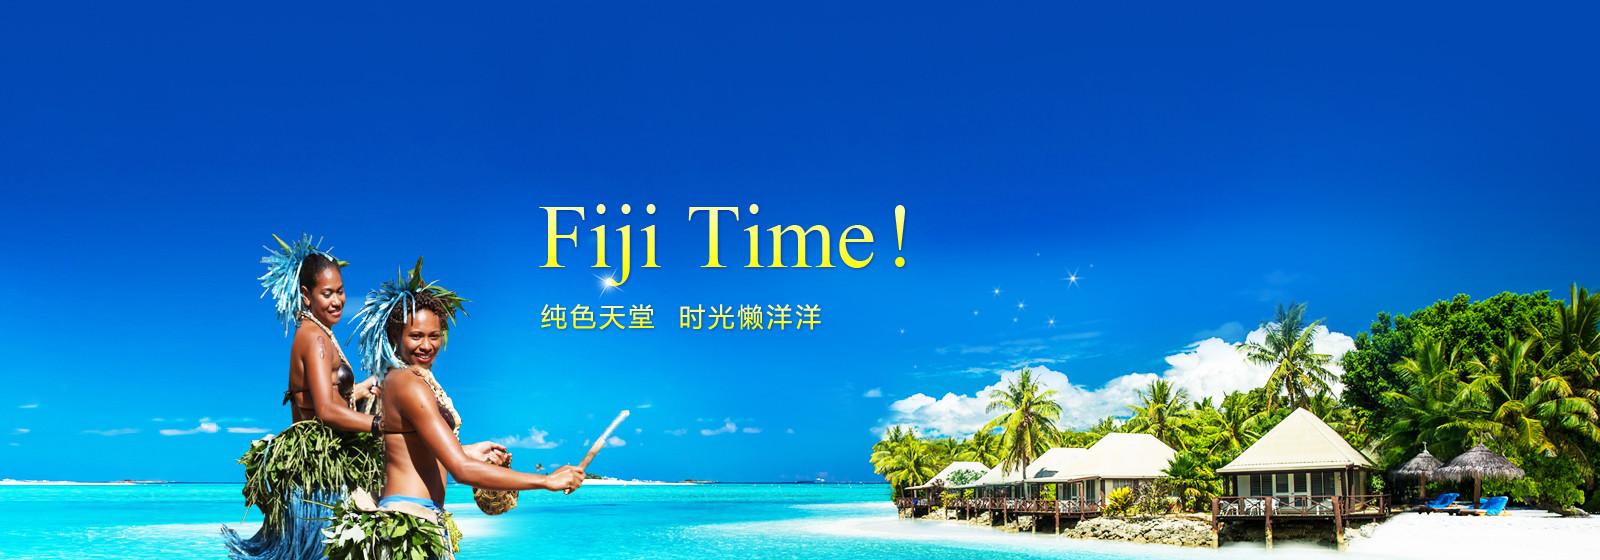 Fiji Time!纯色天堂  时光懒洋洋